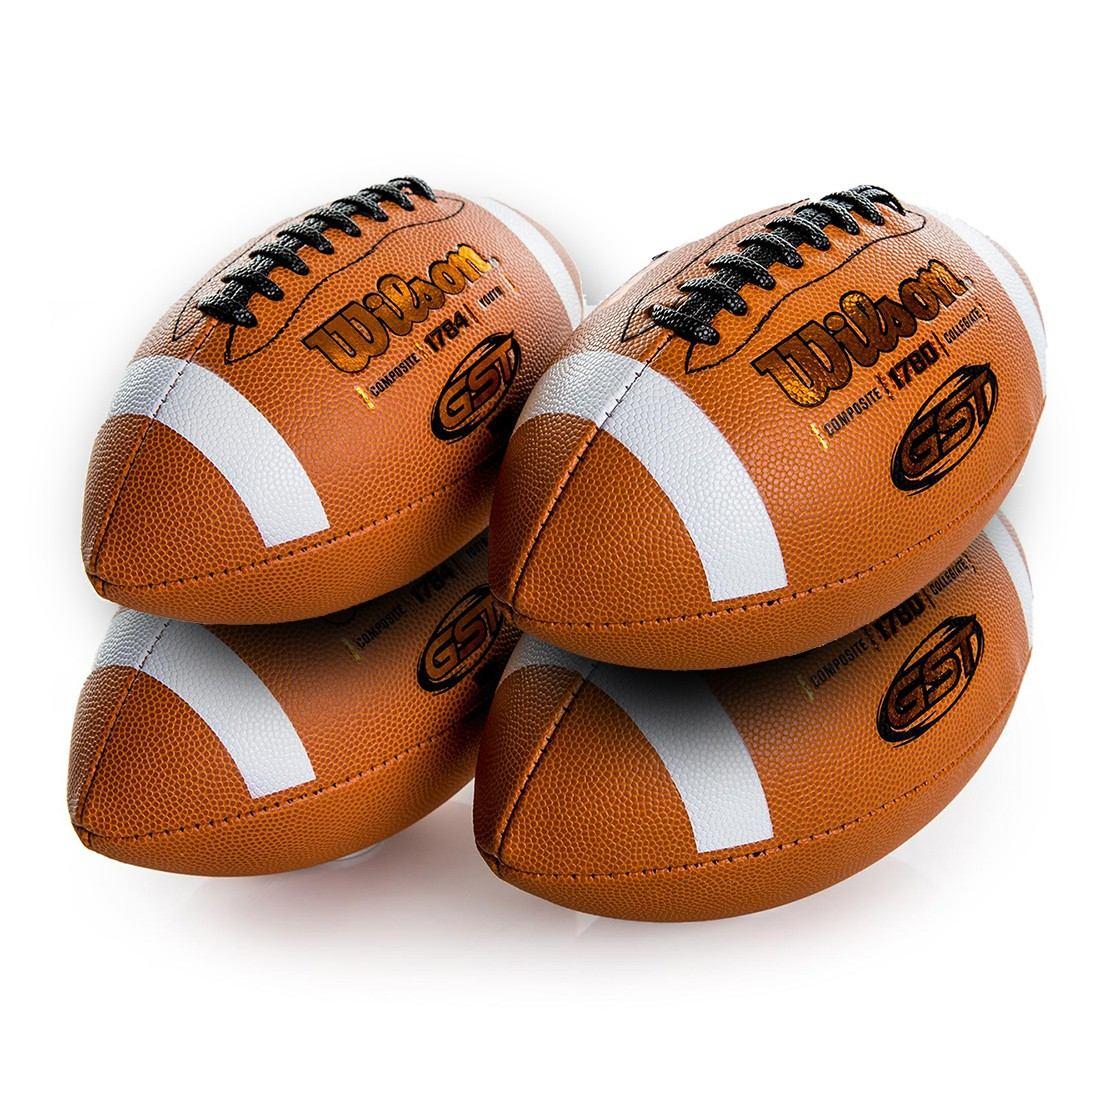 4 bolas futebol americano wilson gst composite oficial nfl. Carregando zoom. 6fcda6c4167d5